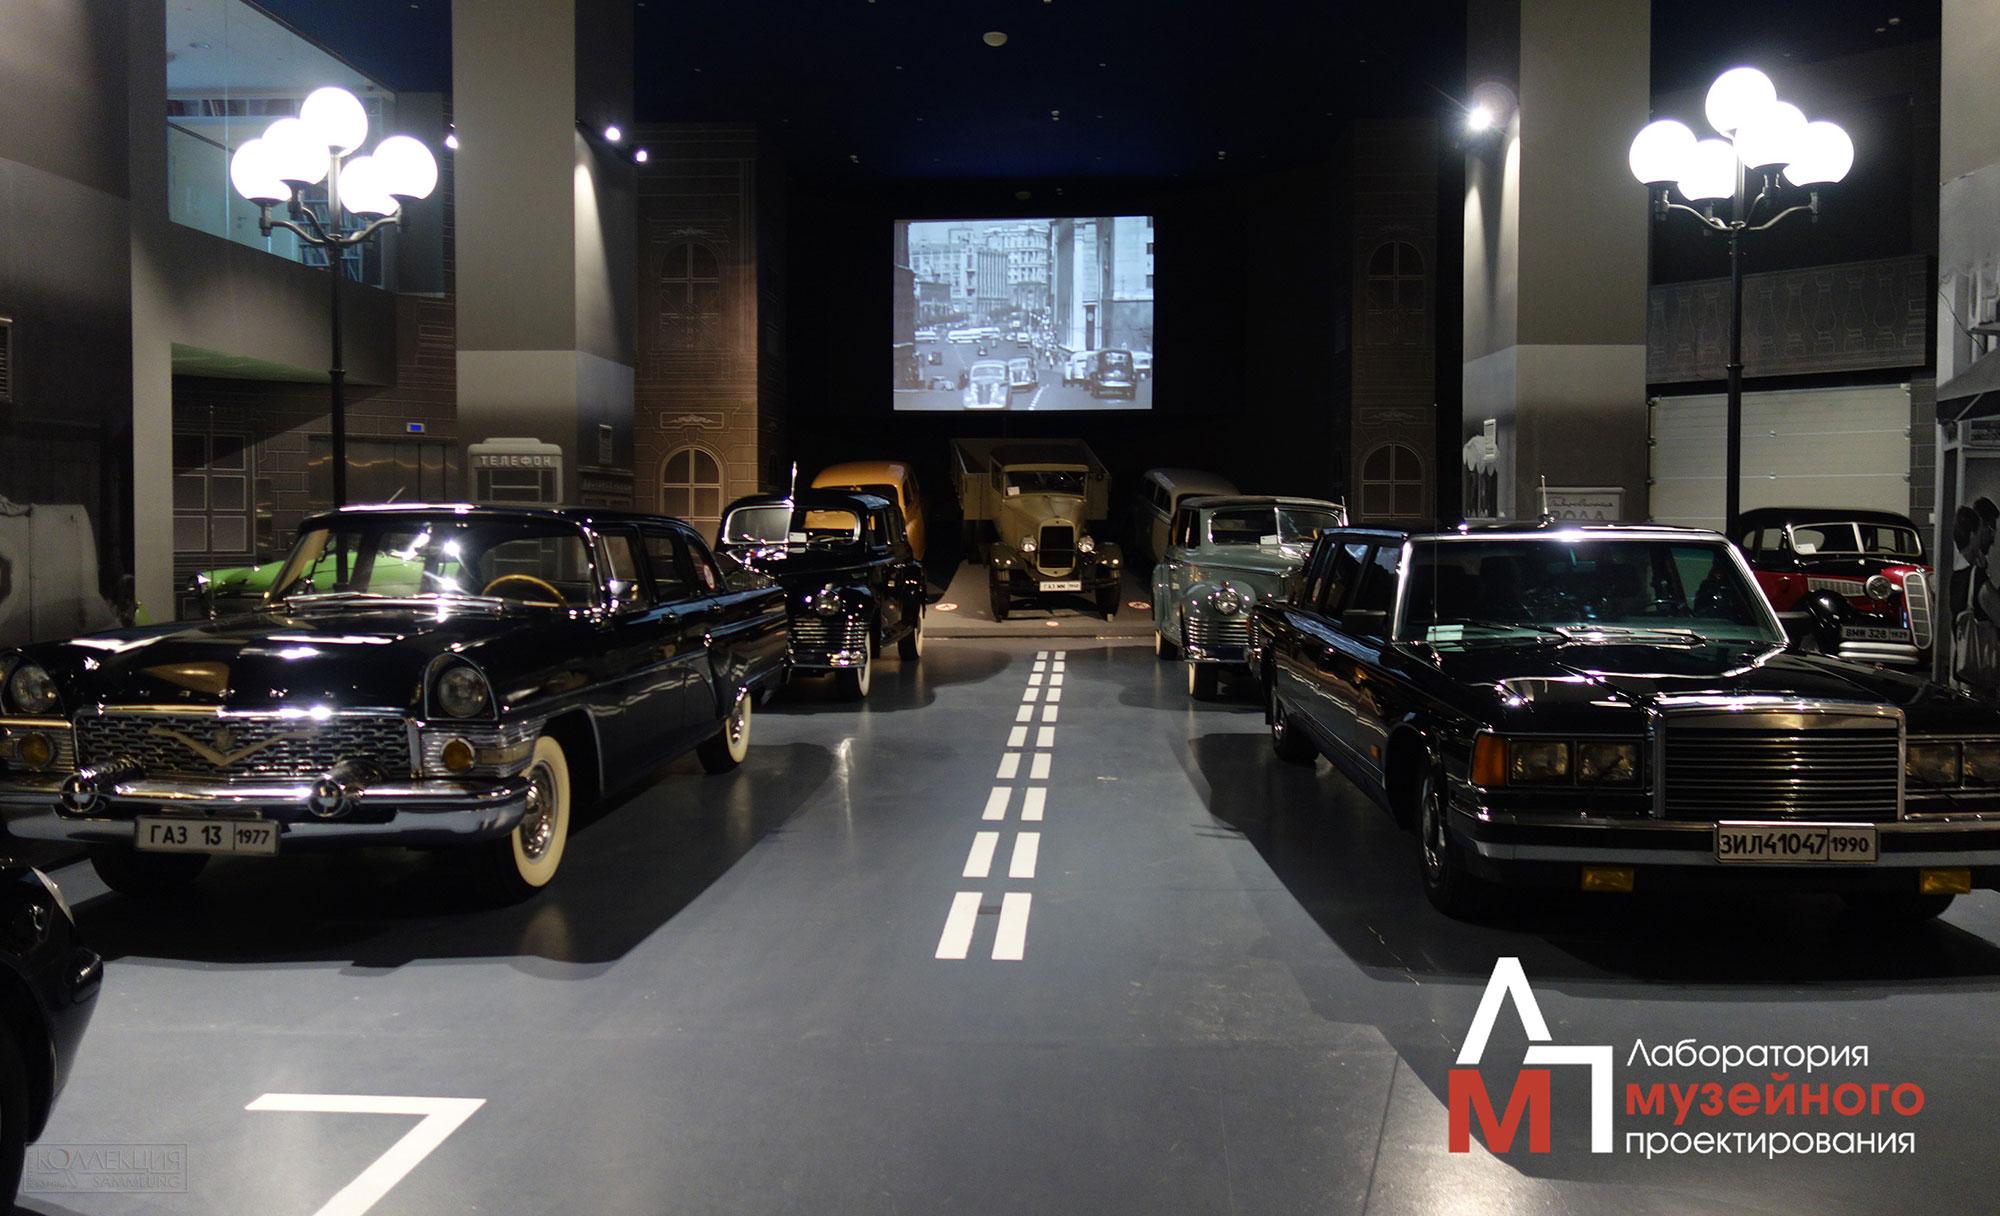 Музей Черномырдина. Экспозиция ретроавтомобилей